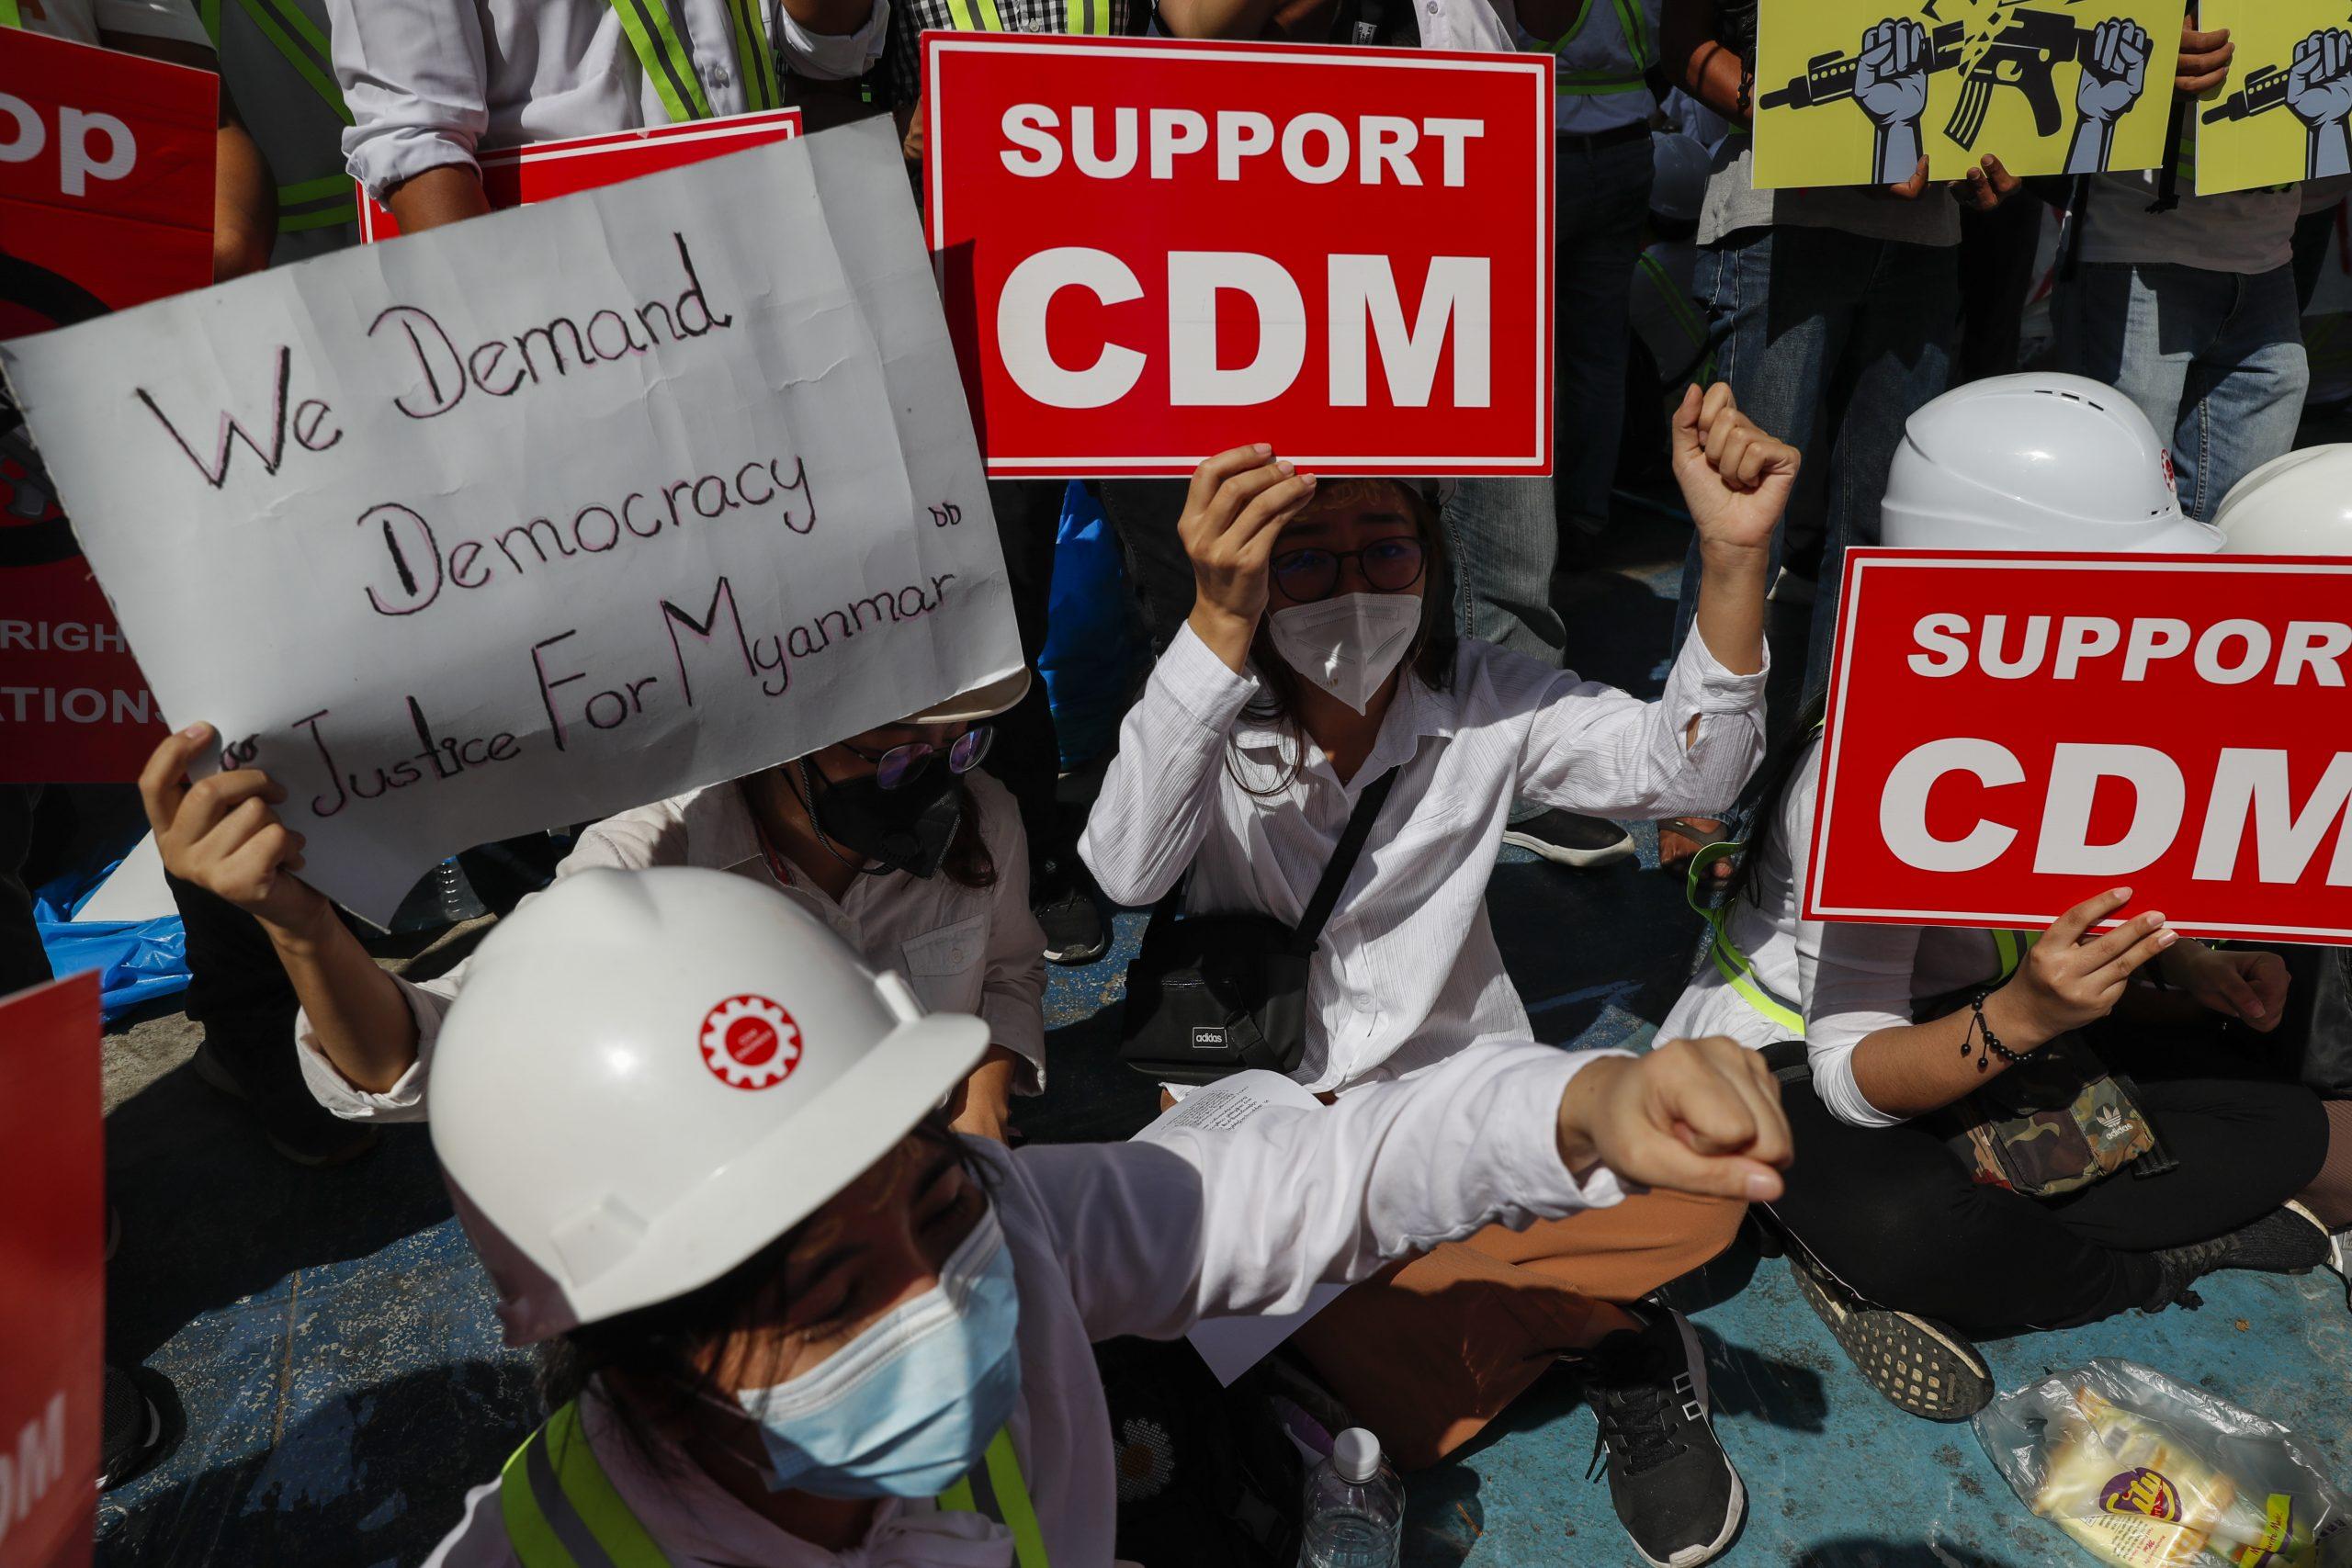 ငြိမ်းချမ်းစွာအာဏာဖီဆန်ခြင်းလှုပ်ရှားမှုကို ထောက်ခံအားပေးကြောင်း ပိုစတာများကိုင်ဆောင်၍ ဆန္ဒပြသူများကို ဖေဖော်ဝါရီ၂၅ရက်က ရန်ကုန်မြို့တွင် မြင်တွေ့ခဲ့ရစဉ်။ (ဓာတ်ပုံ | ဖရွန်းတီးယားမြန်မာ)